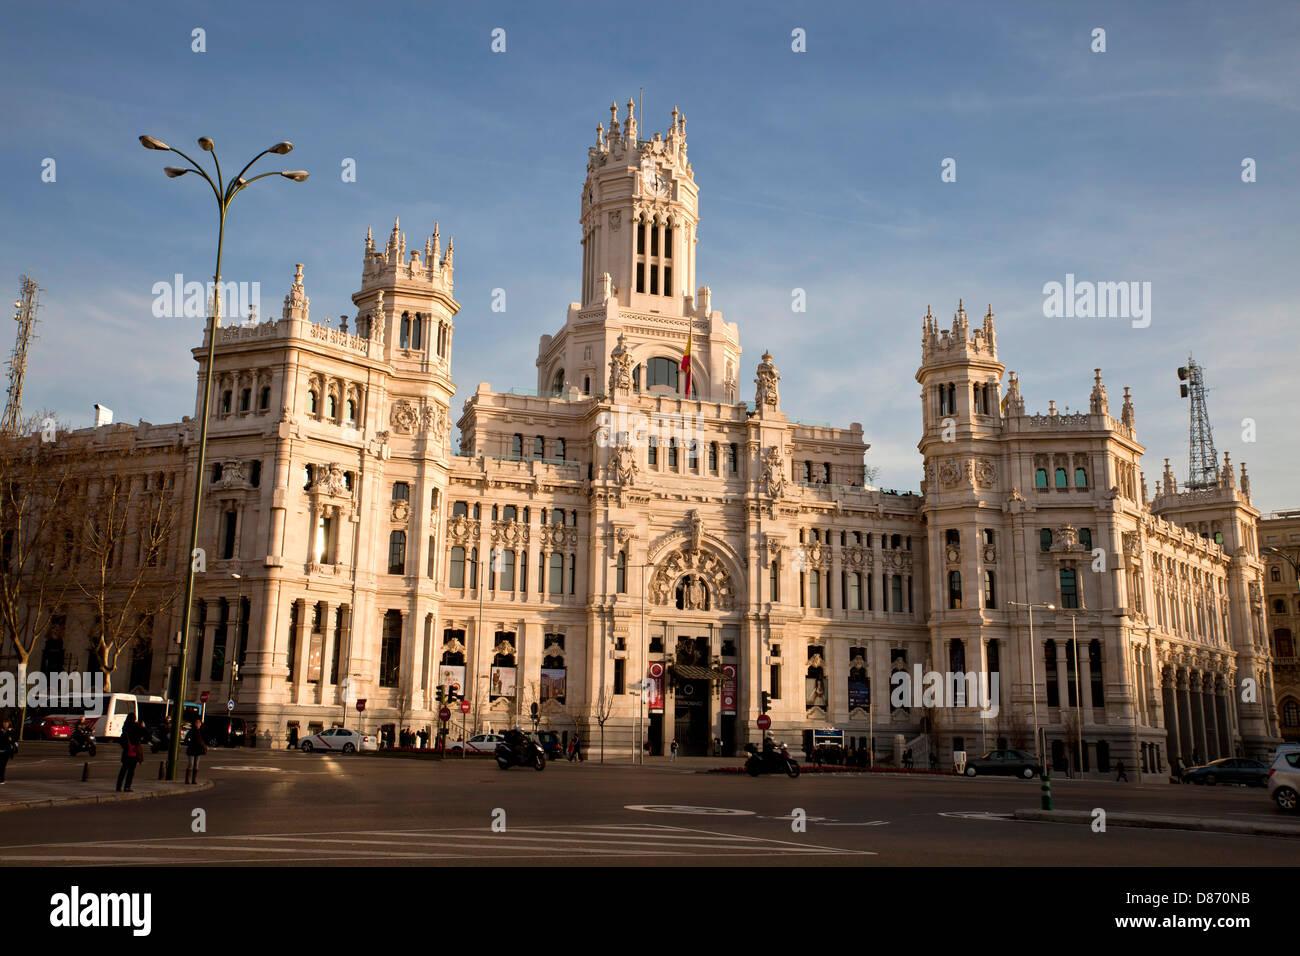 The Former Post Office Palacio De Comunicaciones Or Palacio